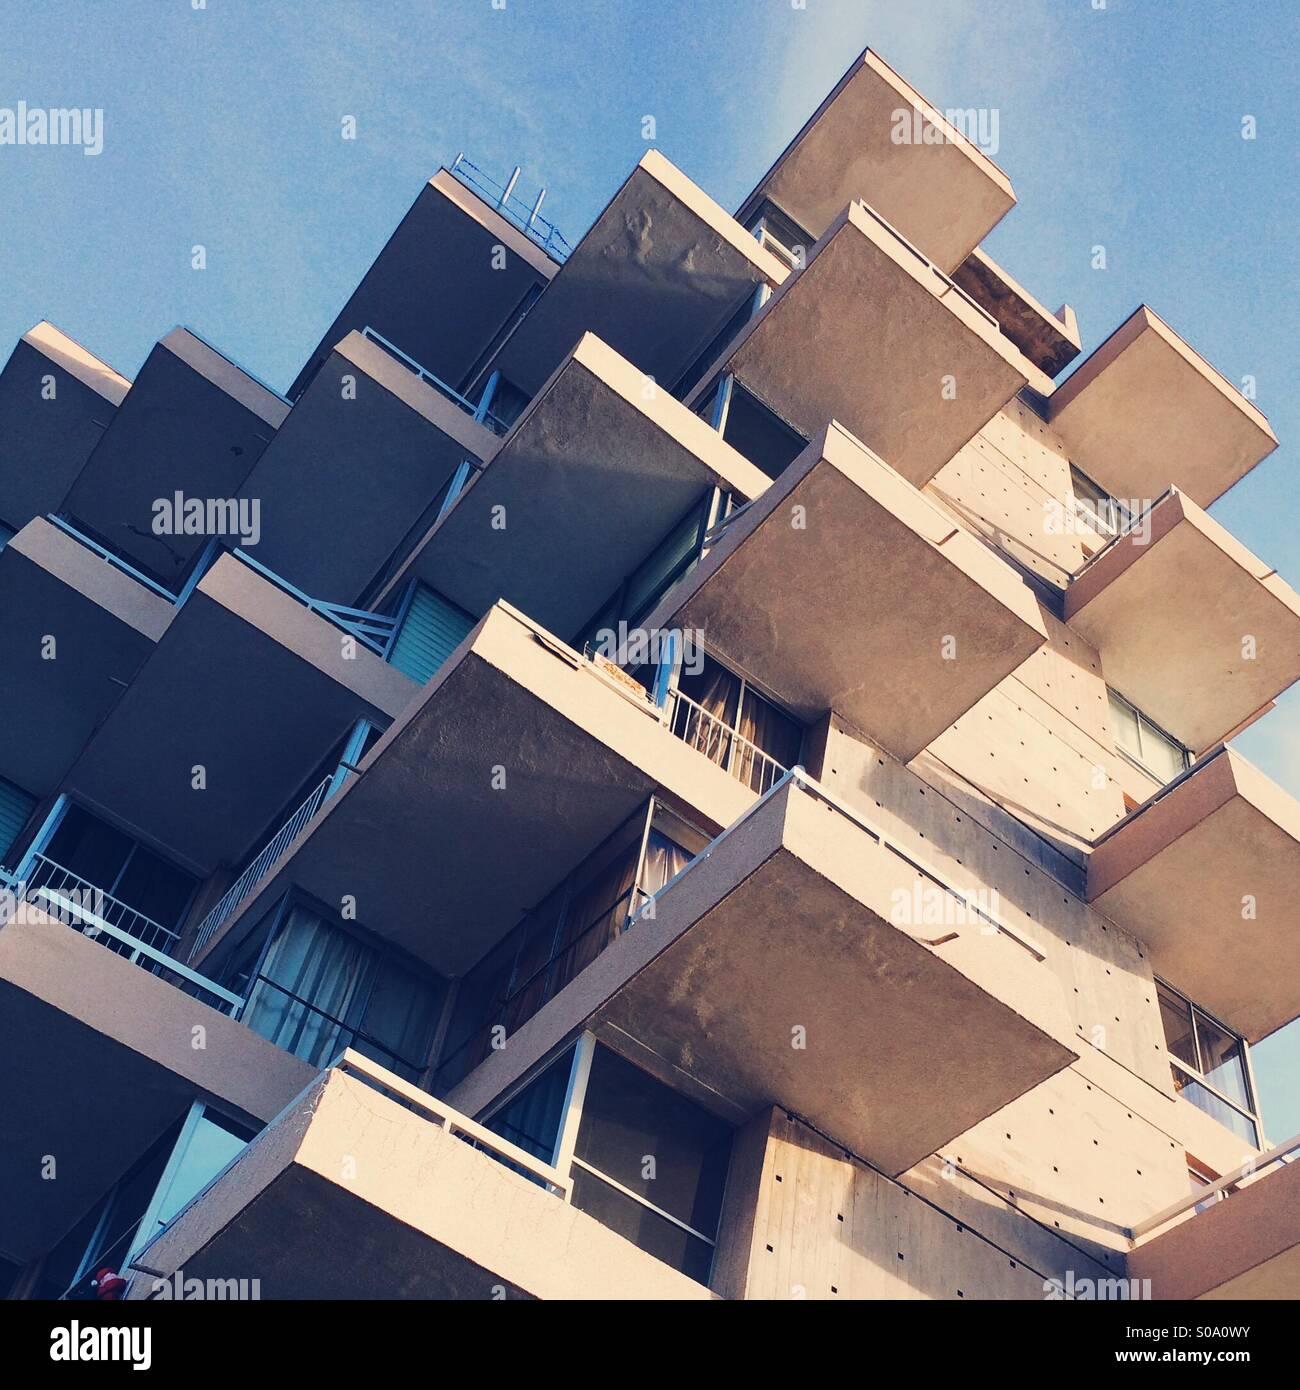 Building in Vina del Mar, Chile - Stock Image